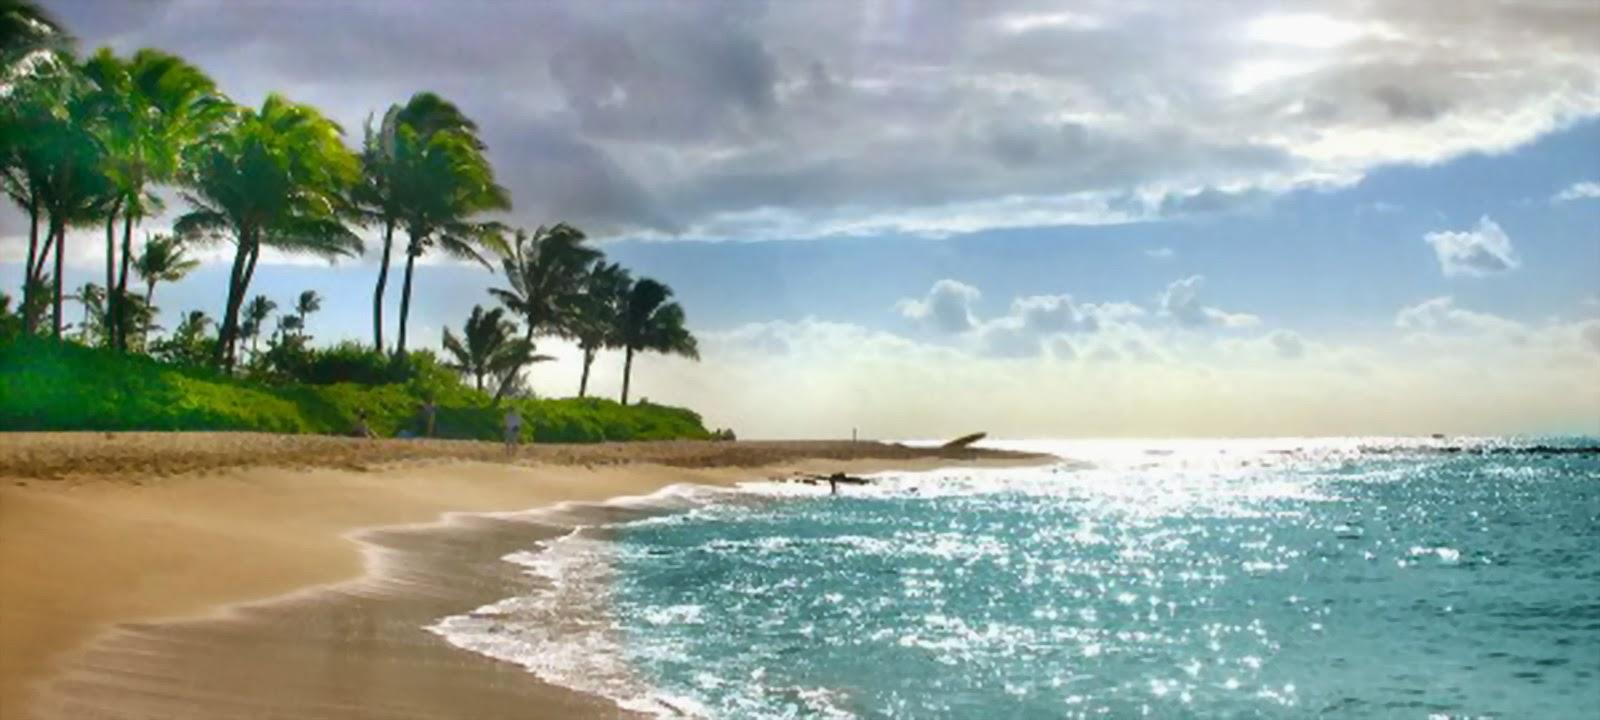 Wallpaper Pemandangan Pantai Terindah Di Dunia  Stok